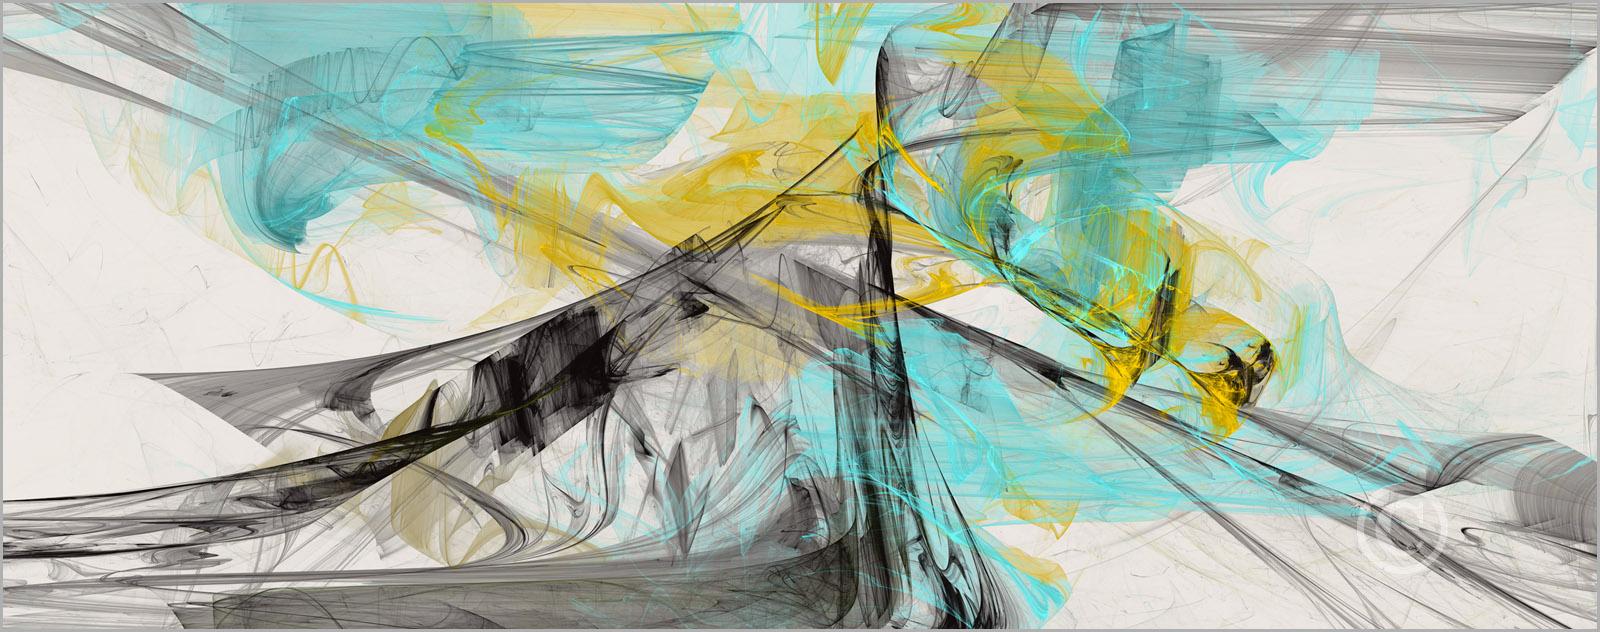 Colortrails_F2_7064_L